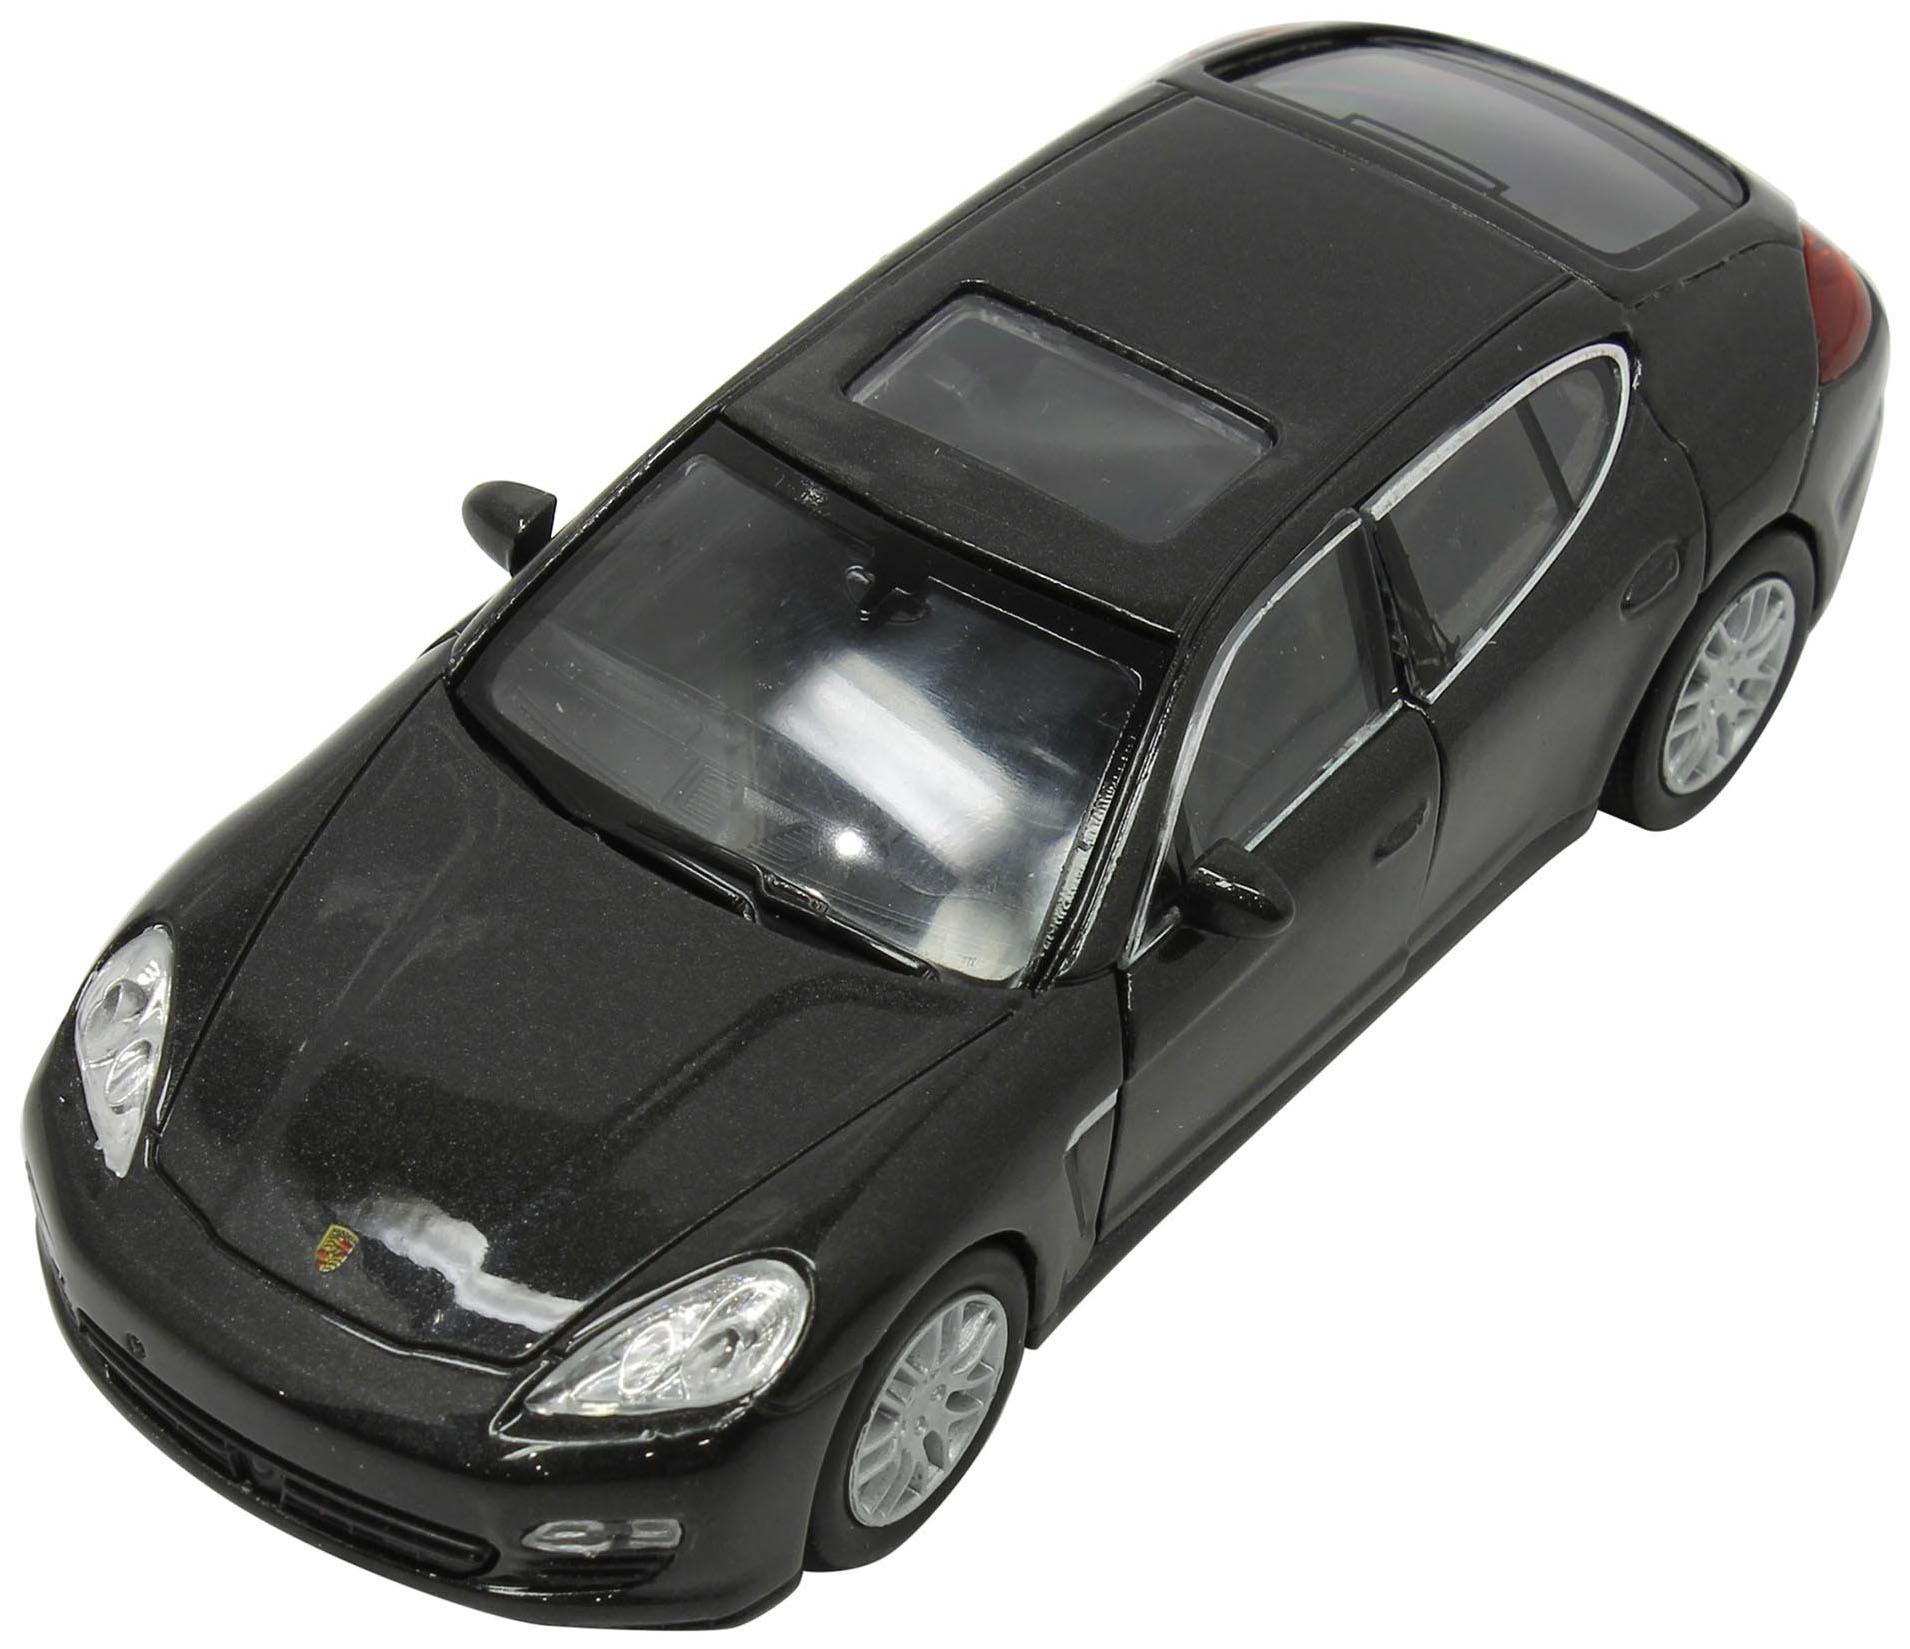 Купить Коллекционная модель Welly Porsche Panamera S 43619 1:34, Коллекционные модели